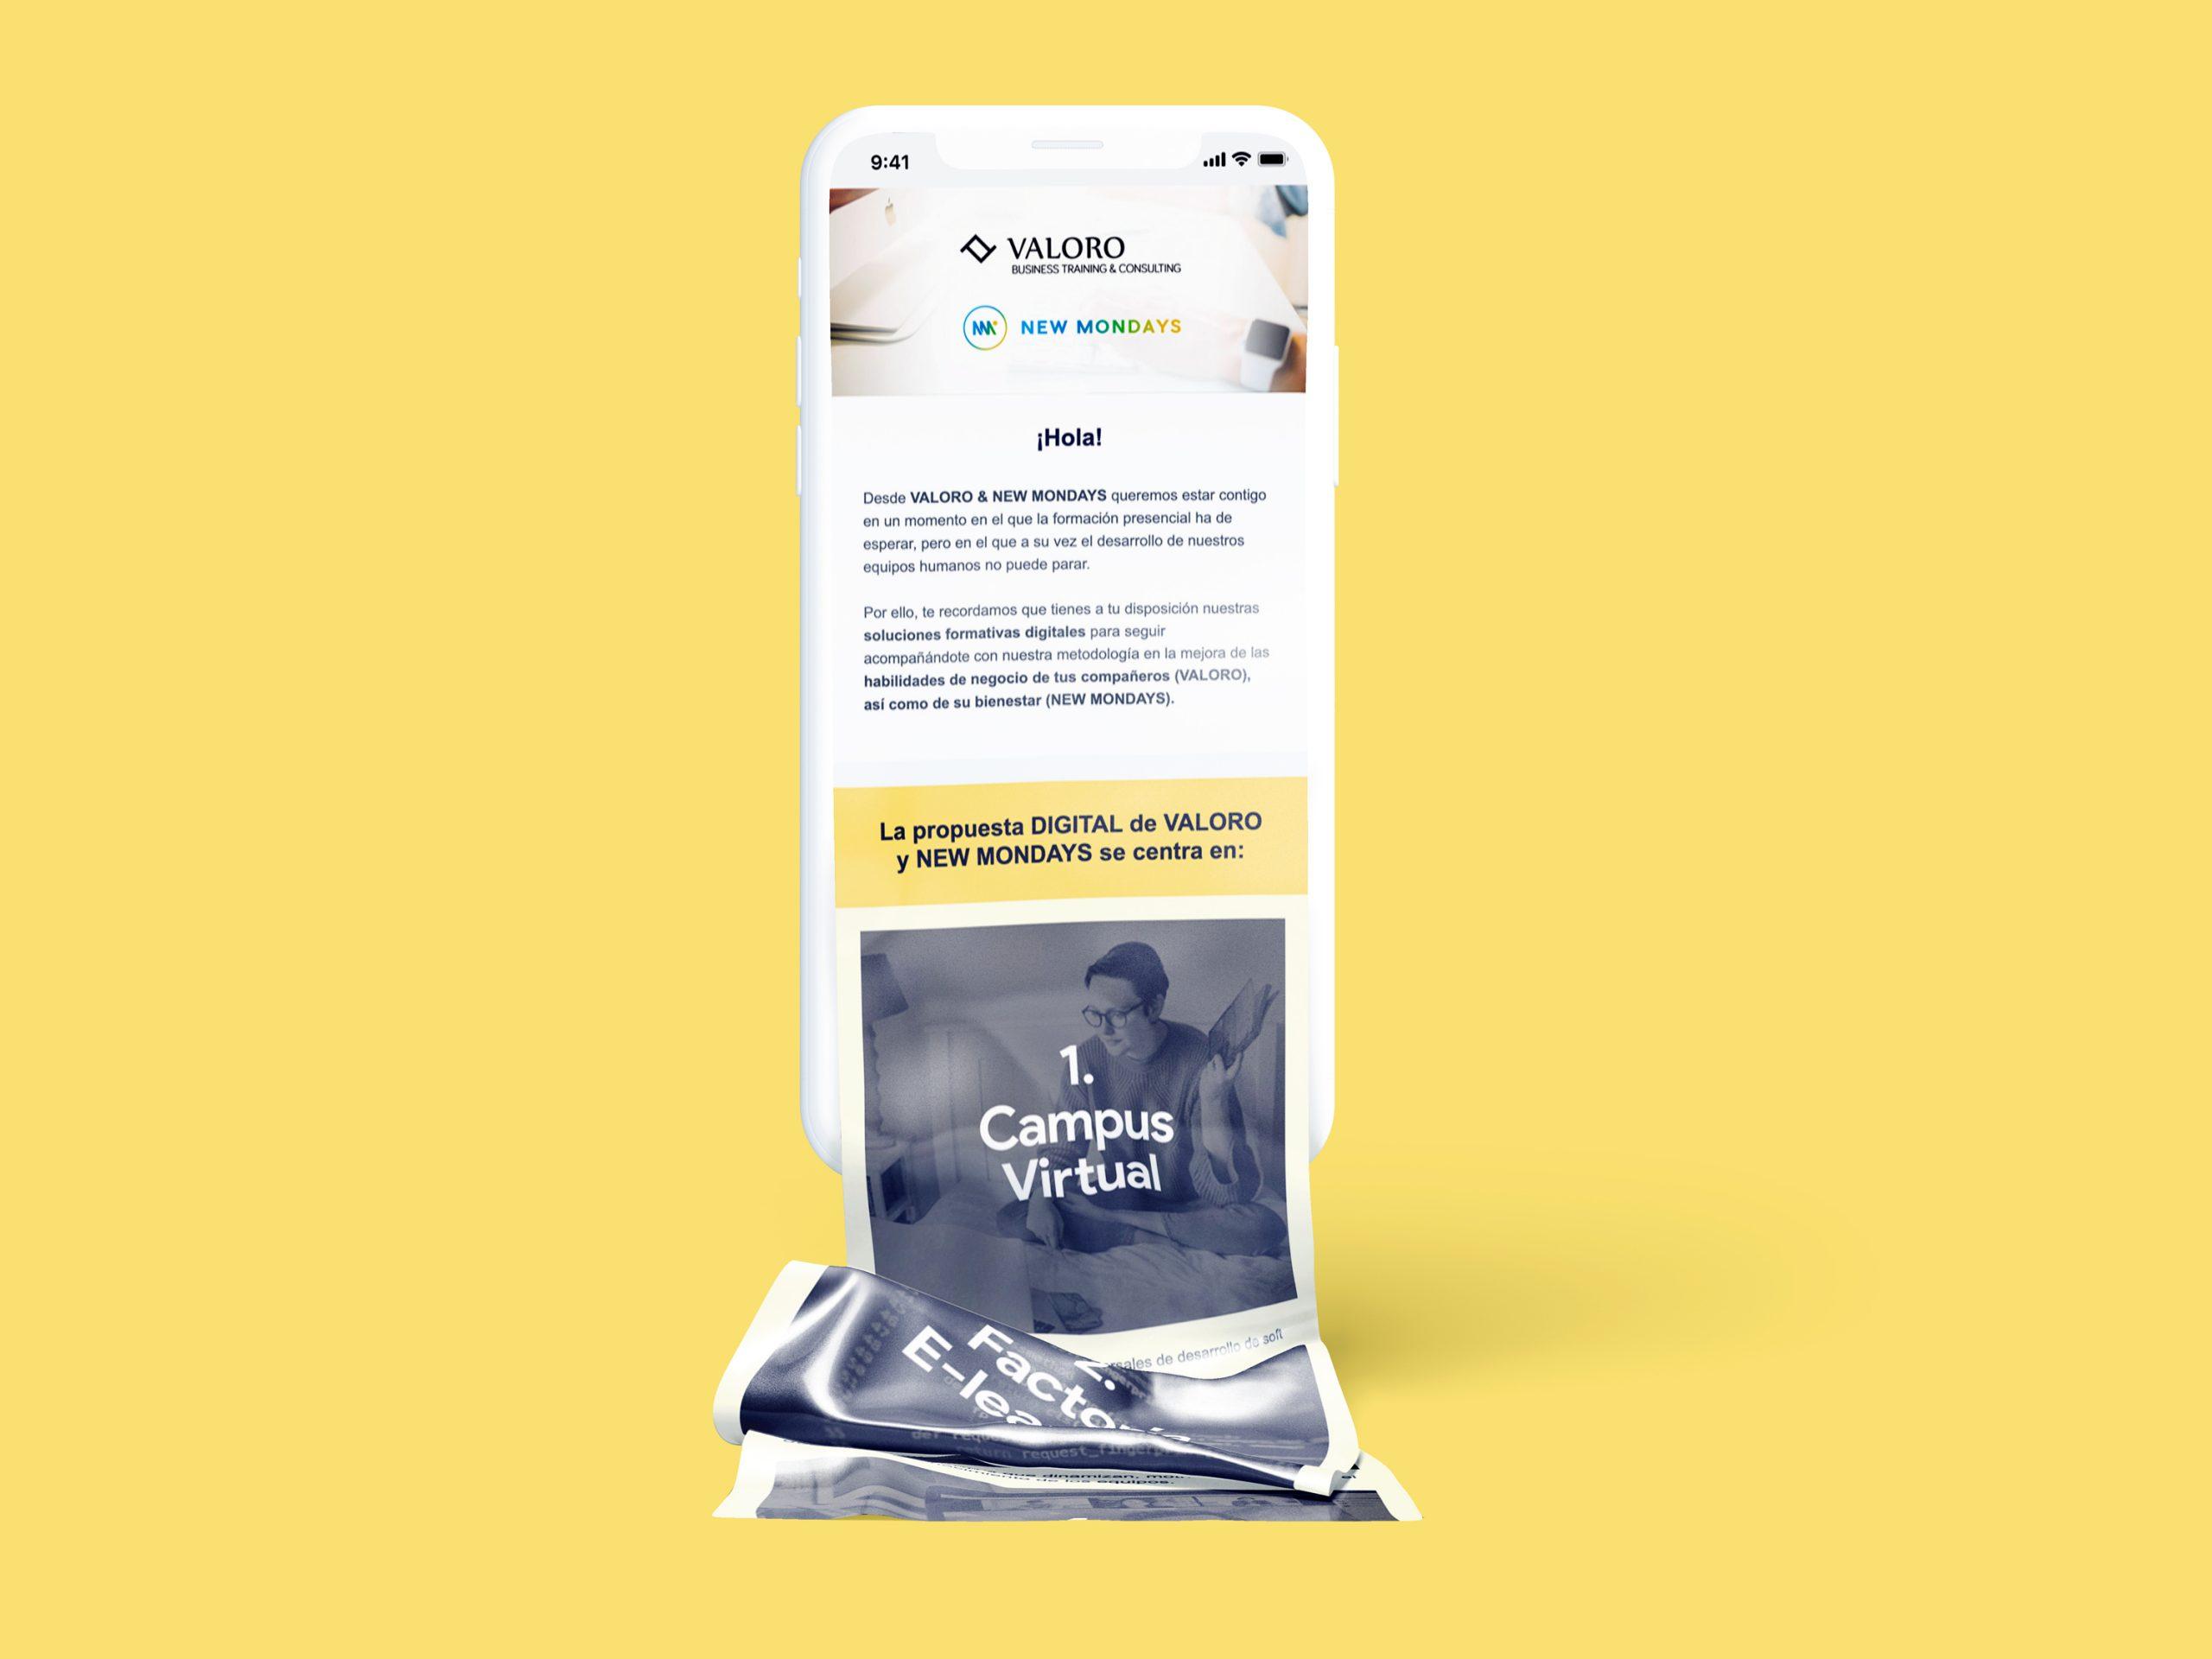 Campaña de mailing para Valoro y New Mondays